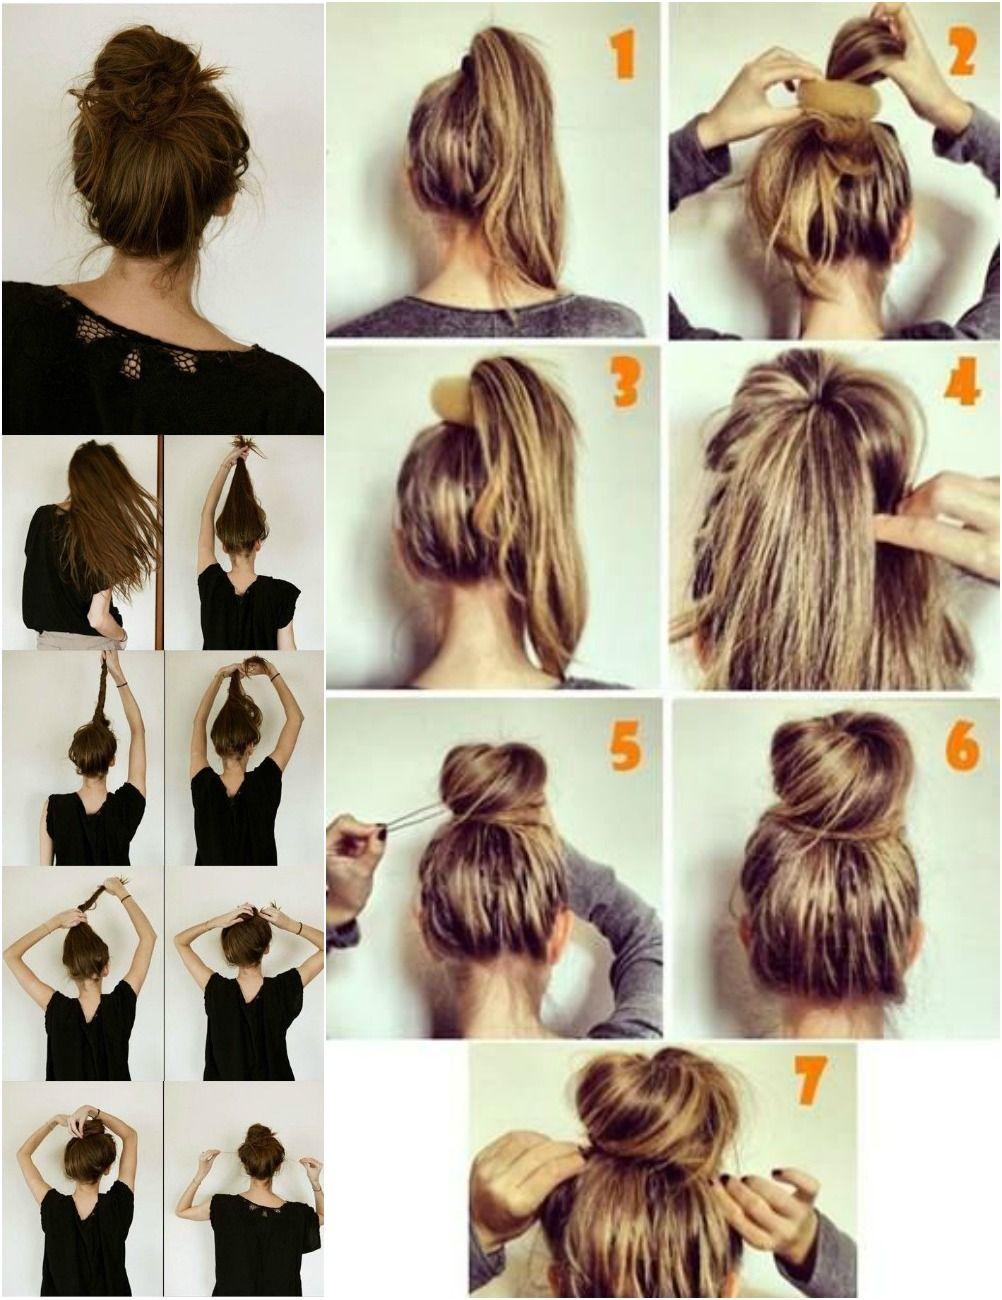 12 Perfect Hair Buns Hair Bun Tutorial Hair Styles Hair Hacks